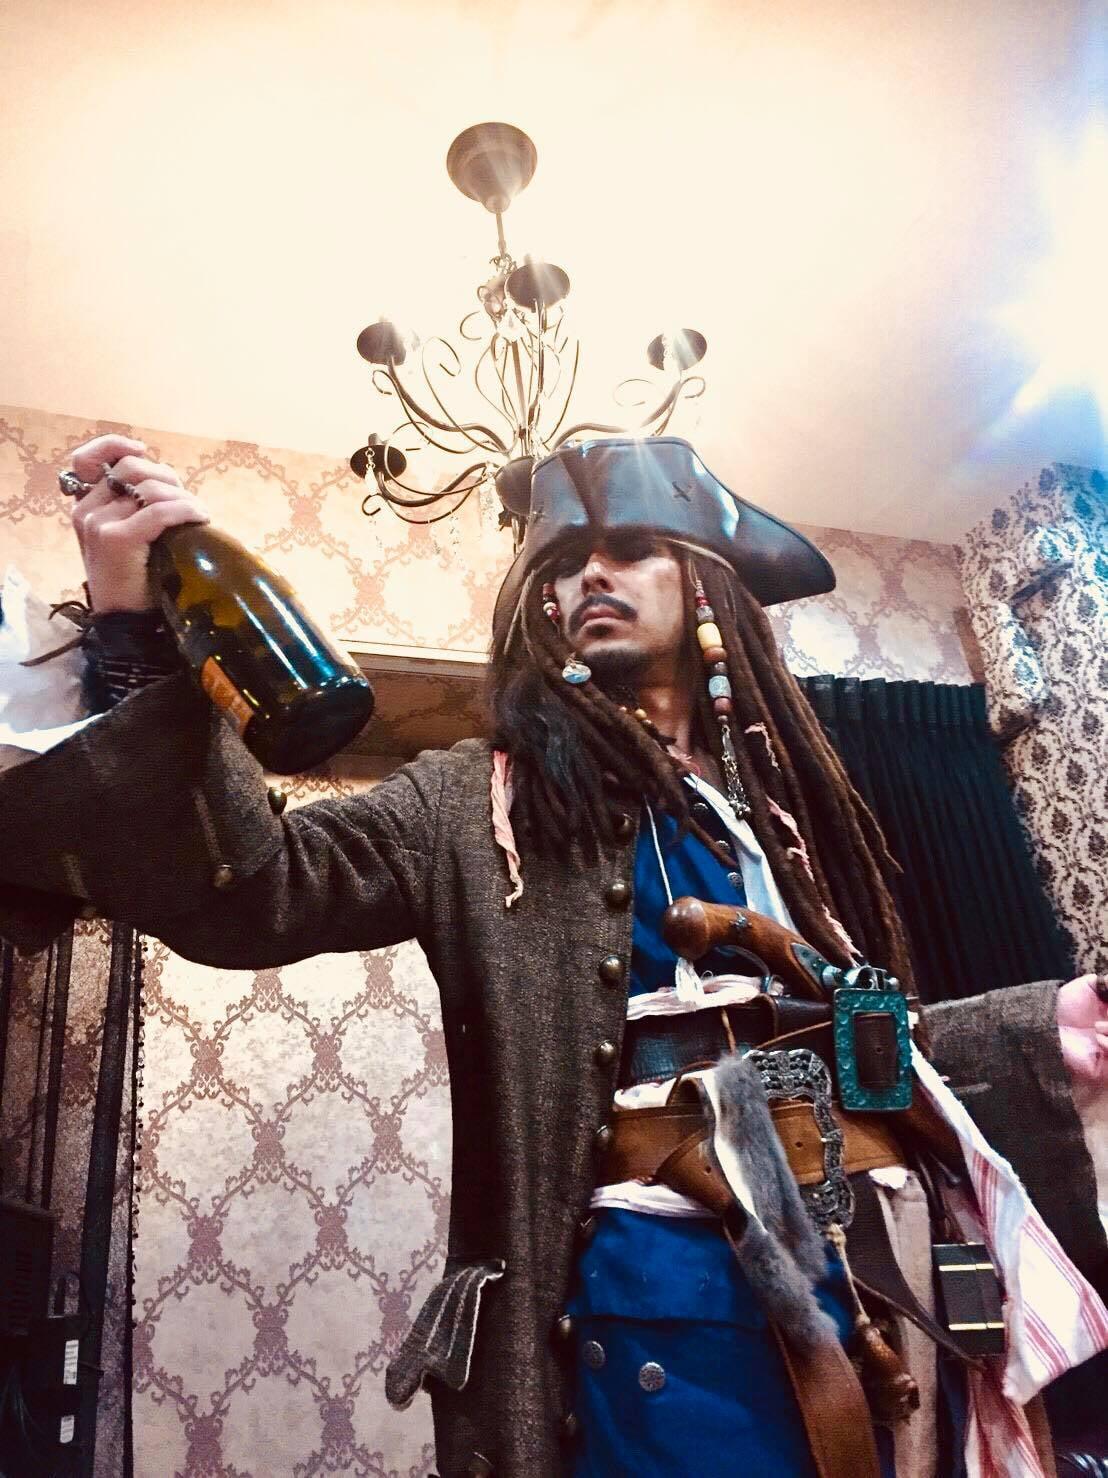 【結婚式の二次会司会】あの海賊が登場!!ゴーゴースパロウのイメージその2